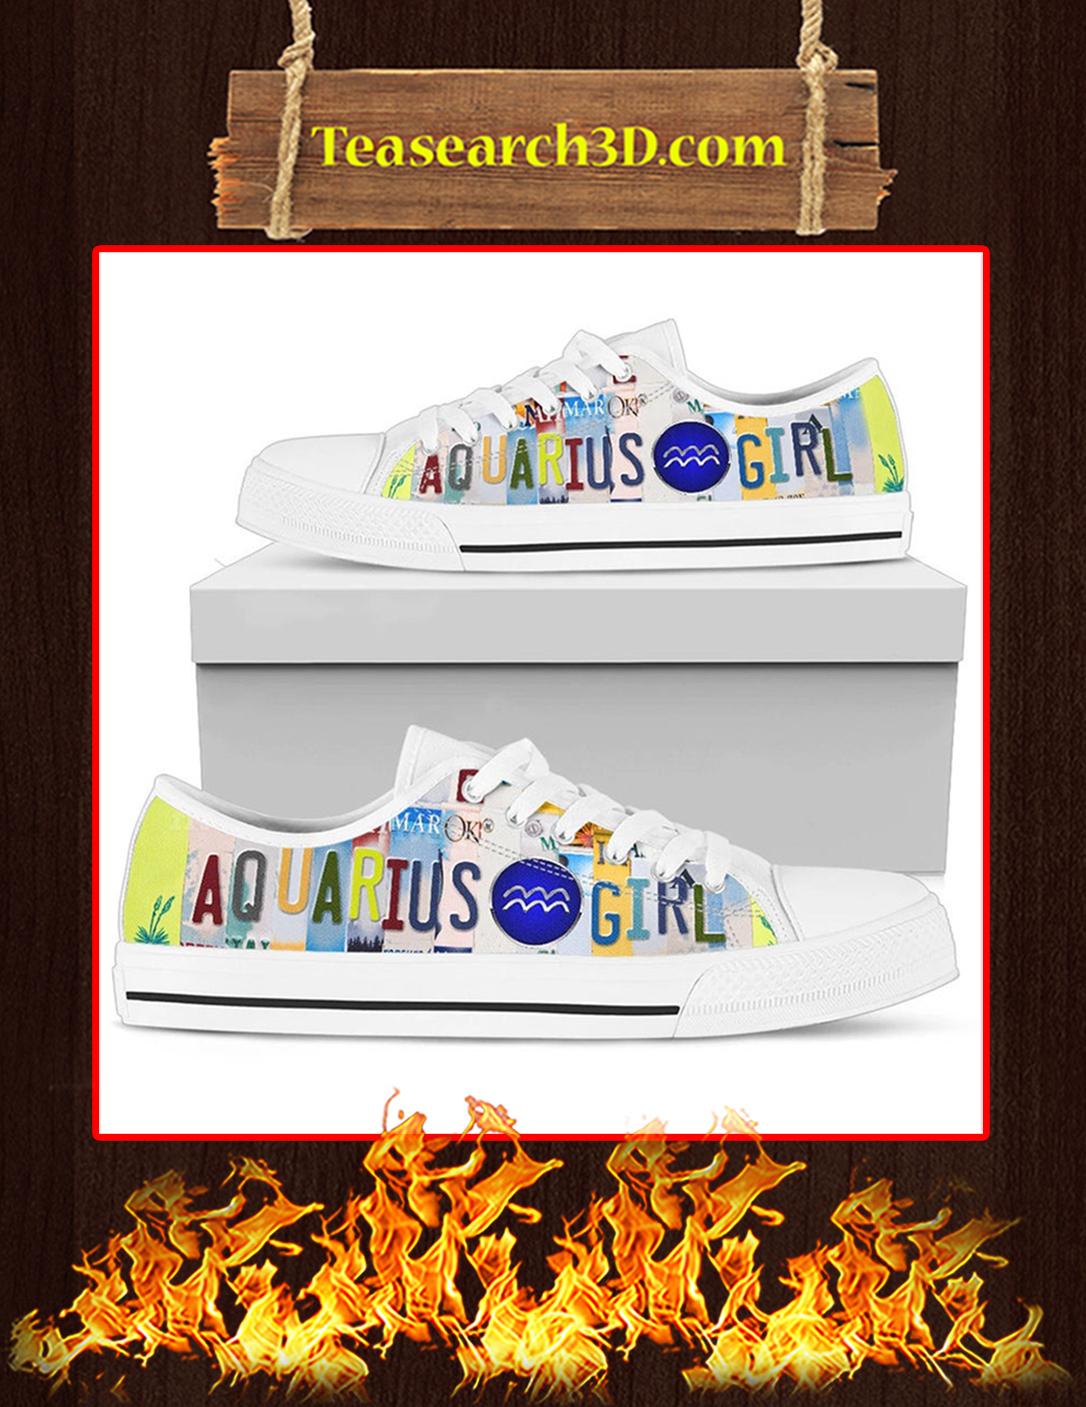 Aquarius Girl Low Top Shoes - Pic 2